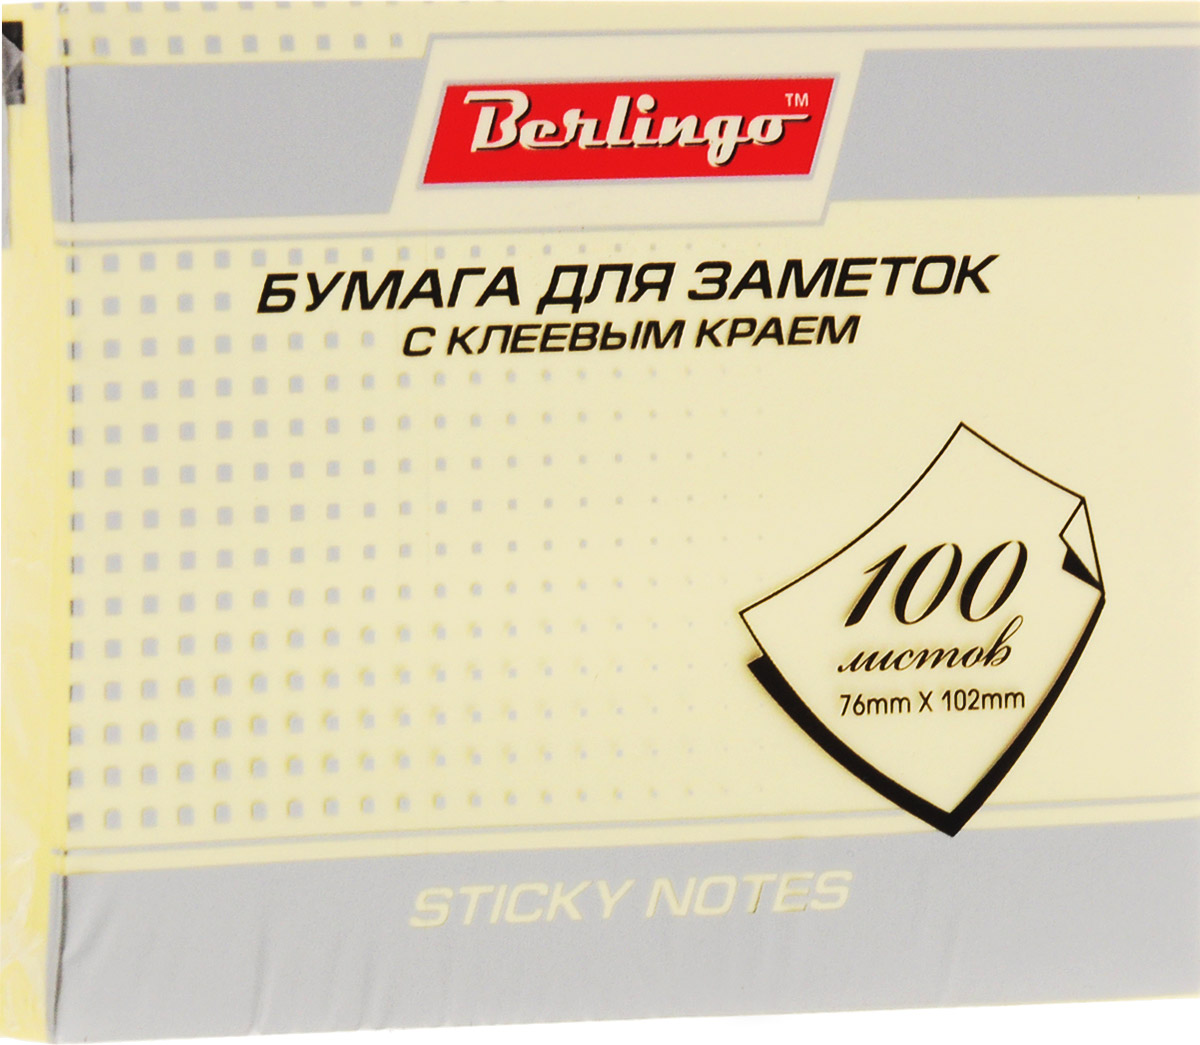 Berlingo Бумага для заметок цвет желтый 100 листов126695Самоклеящаяся бумага для заметок Berlingo оснащена нежным желтым цветом.Изготовлена бумага с использованием качественного клеевого состава и специальной основы. Листки при отрывании не закручиваются, а качество письма остается одинаковым по всей площади листка.Такая бумага отлично подходит для крепления на любой поверхности. Легко отклеивается, не оставляя следов.